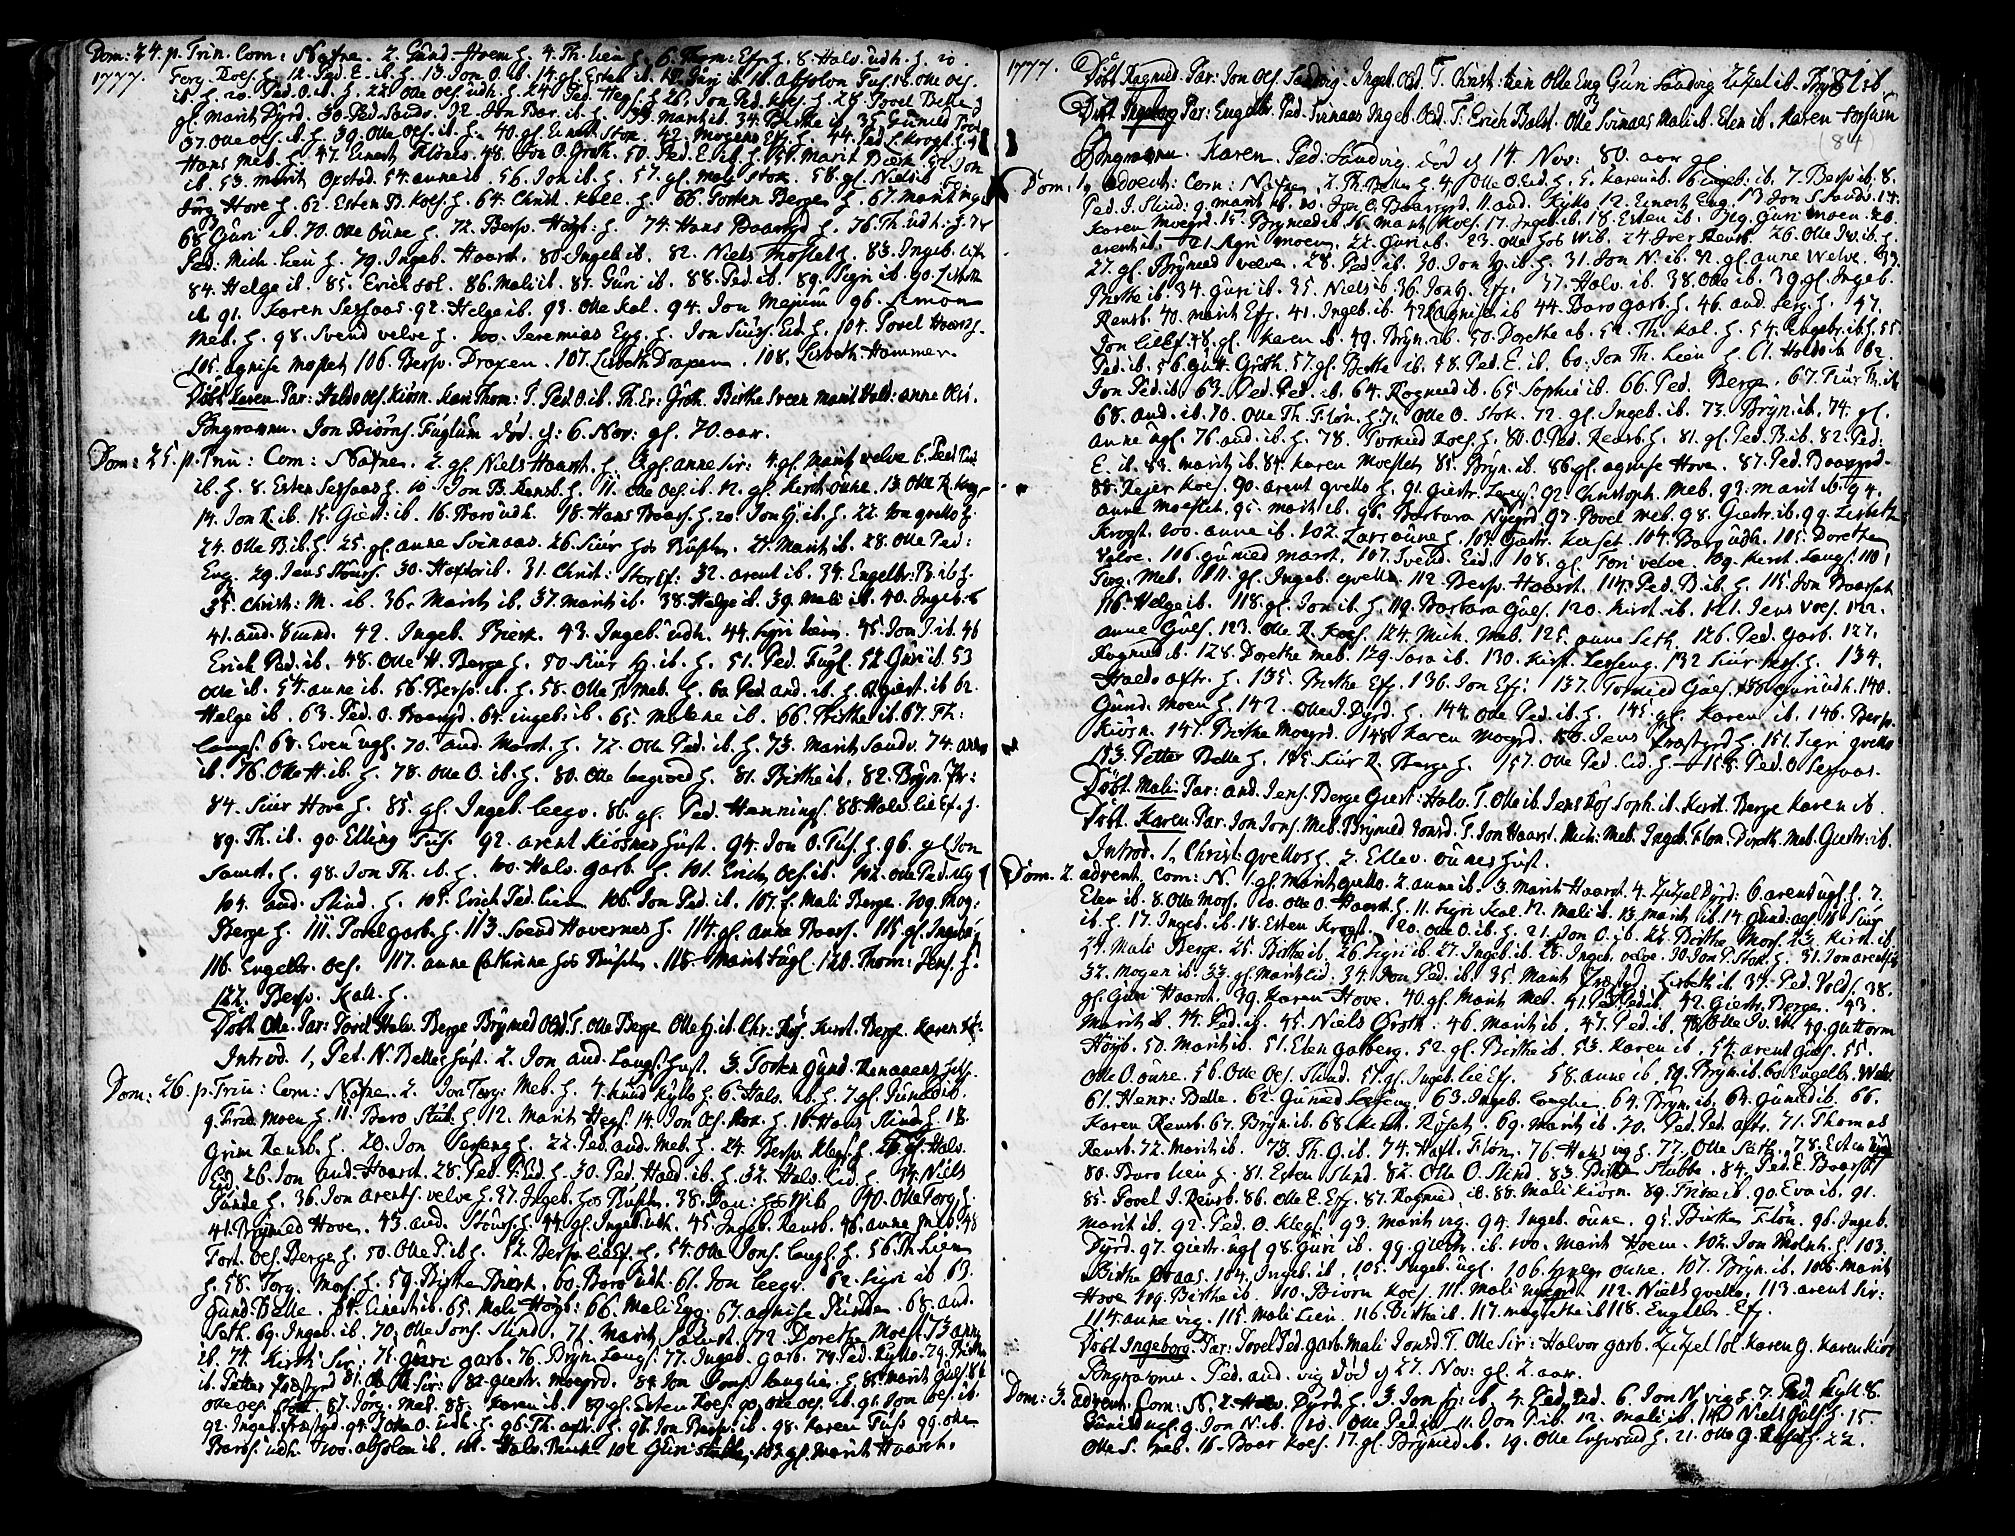 SAT, Ministerialprotokoller, klokkerbøker og fødselsregistre - Sør-Trøndelag, 695/L1138: Ministerialbok nr. 695A02 /1, 1757-1801, s. 84